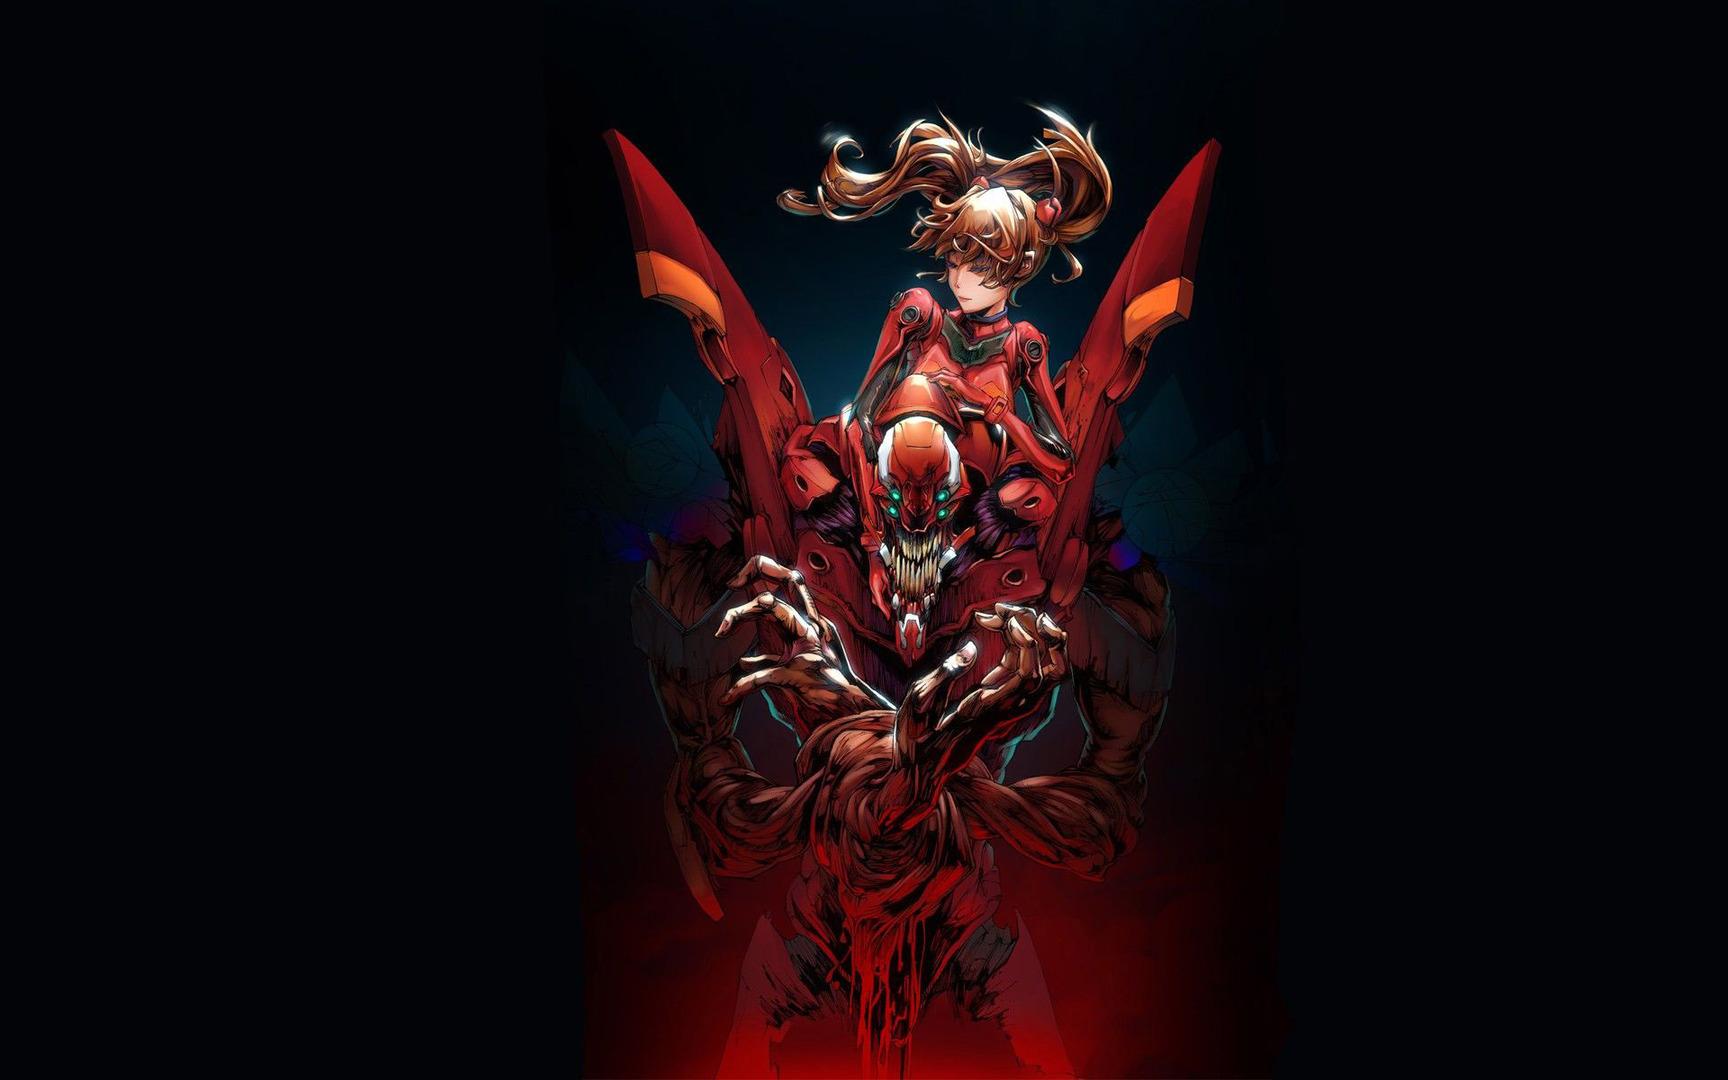 Download Neon Genesis Evangelion wallpaper 1728x1080